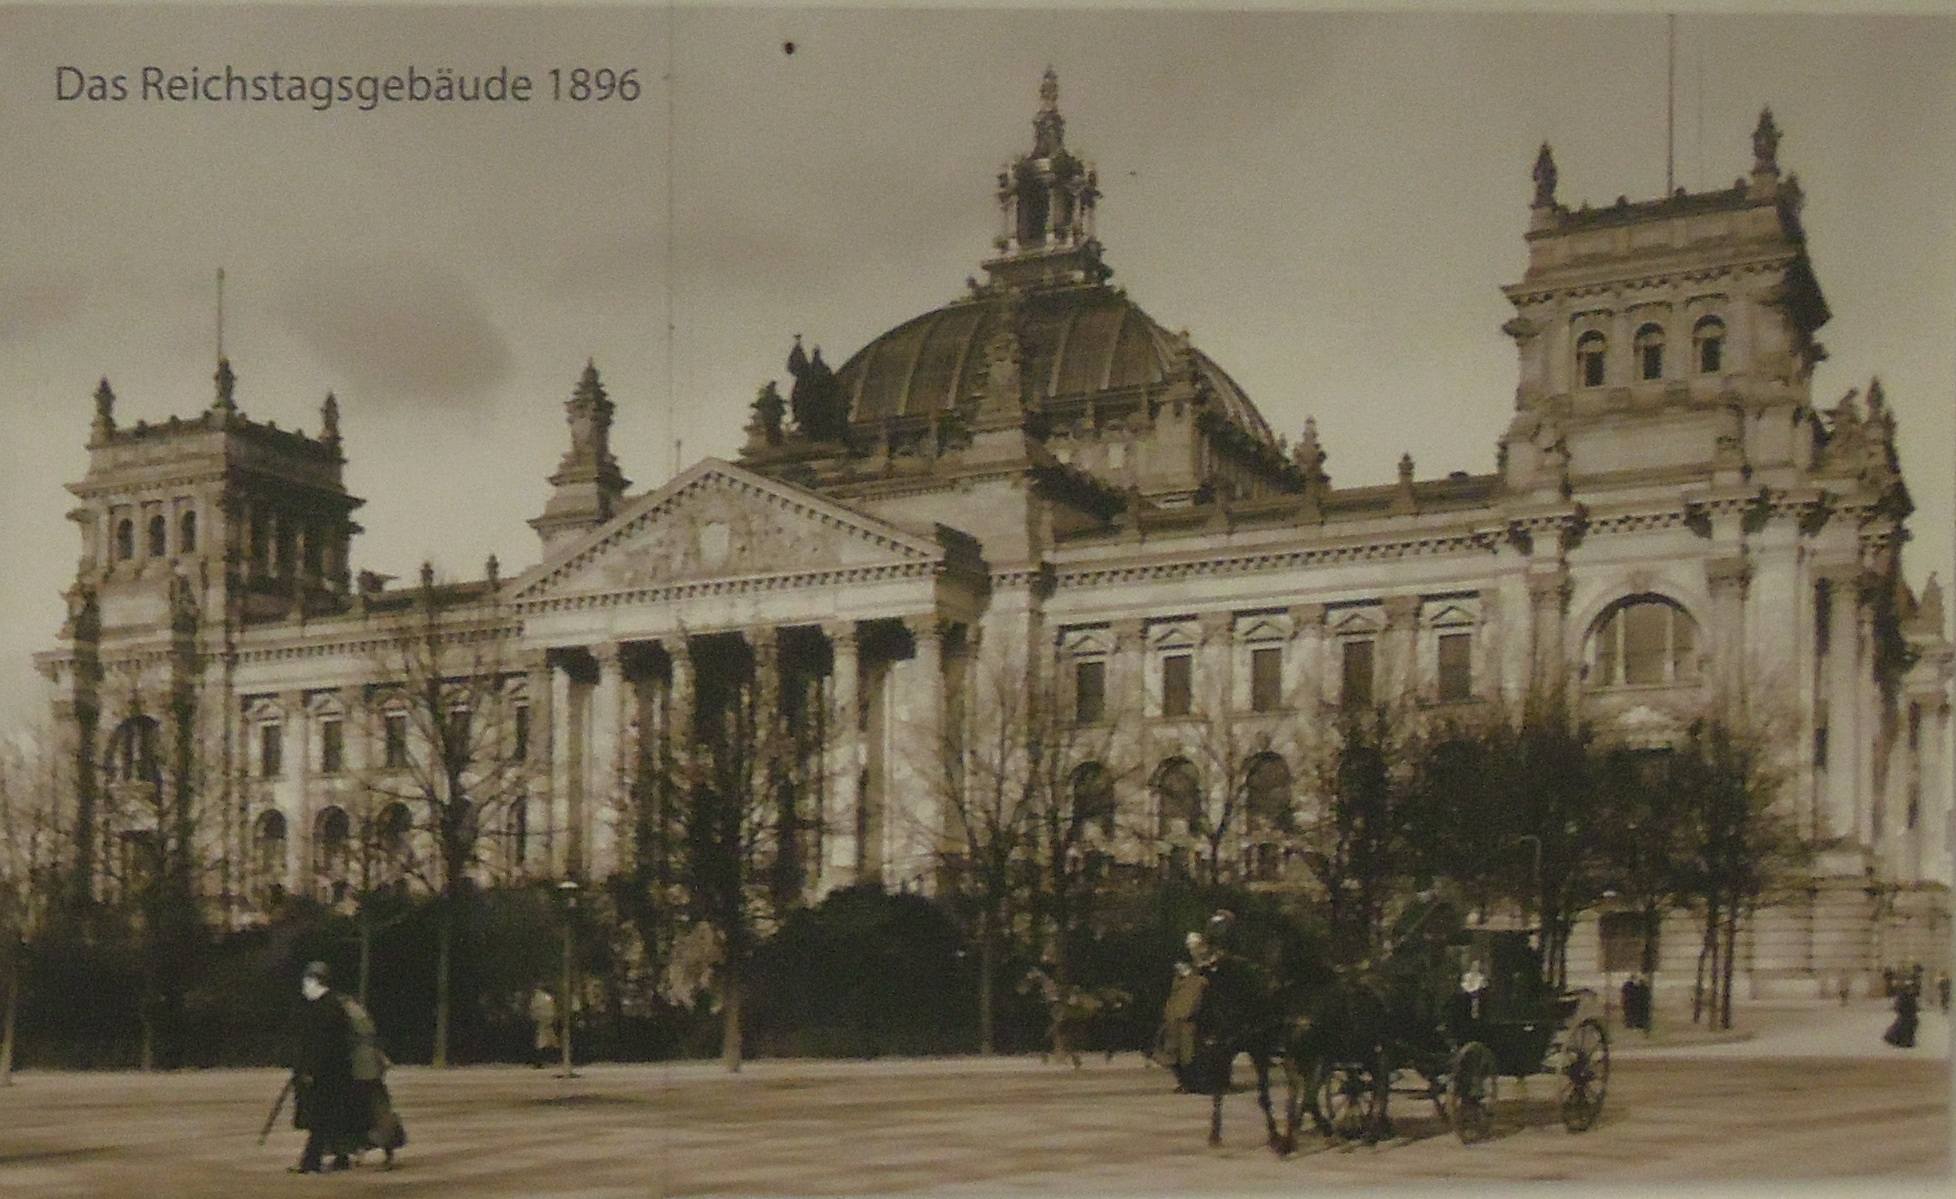 Reichstagsgebäude   SPREE-ATHEN  Reichstagsgebä...